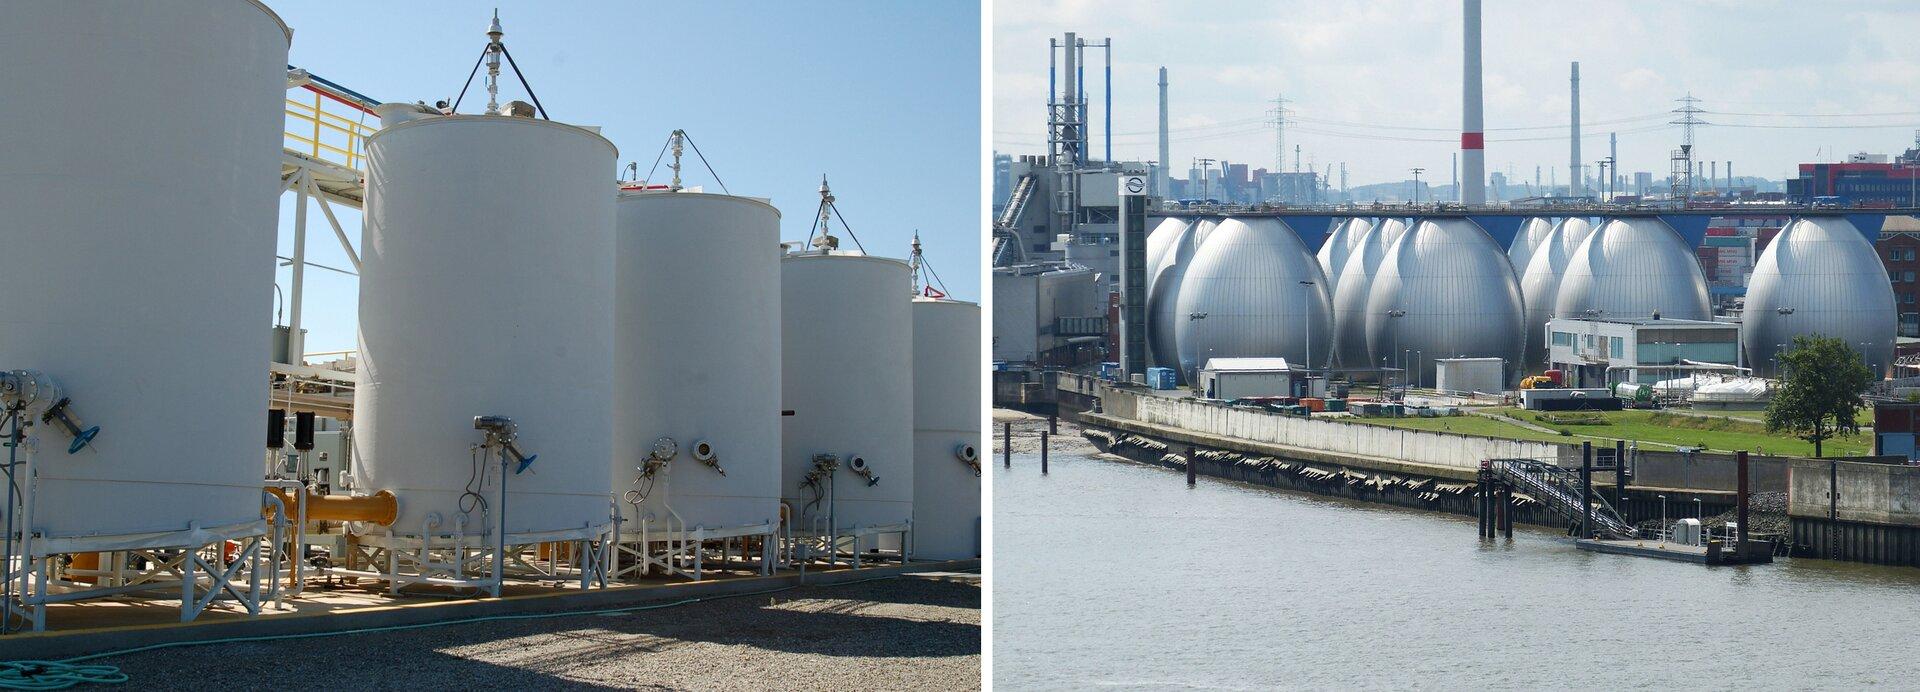 Ilustracja zawiera dwa zdjęcia przedstawiające komory do fermentacji odpadów. Na zdjęciu po lewej stronie mają one kształt wysokich, białych cylindrycznych wież stojących wrównym rzędzie. Na zdjęciu po prawej stronie komory oglądane zwiększej odległości stoją zgrupowane wduży kompleks imają kształt jajek. Zakłady oczyszczające pokazane na zdjęciu po prawej stoją nad brzegiem rzeki lub innym dużym zbiornikiem wodnym, który wraz zmałym nabrzeżem do przeładunku towarów widoczny jest na pierwszym planie.